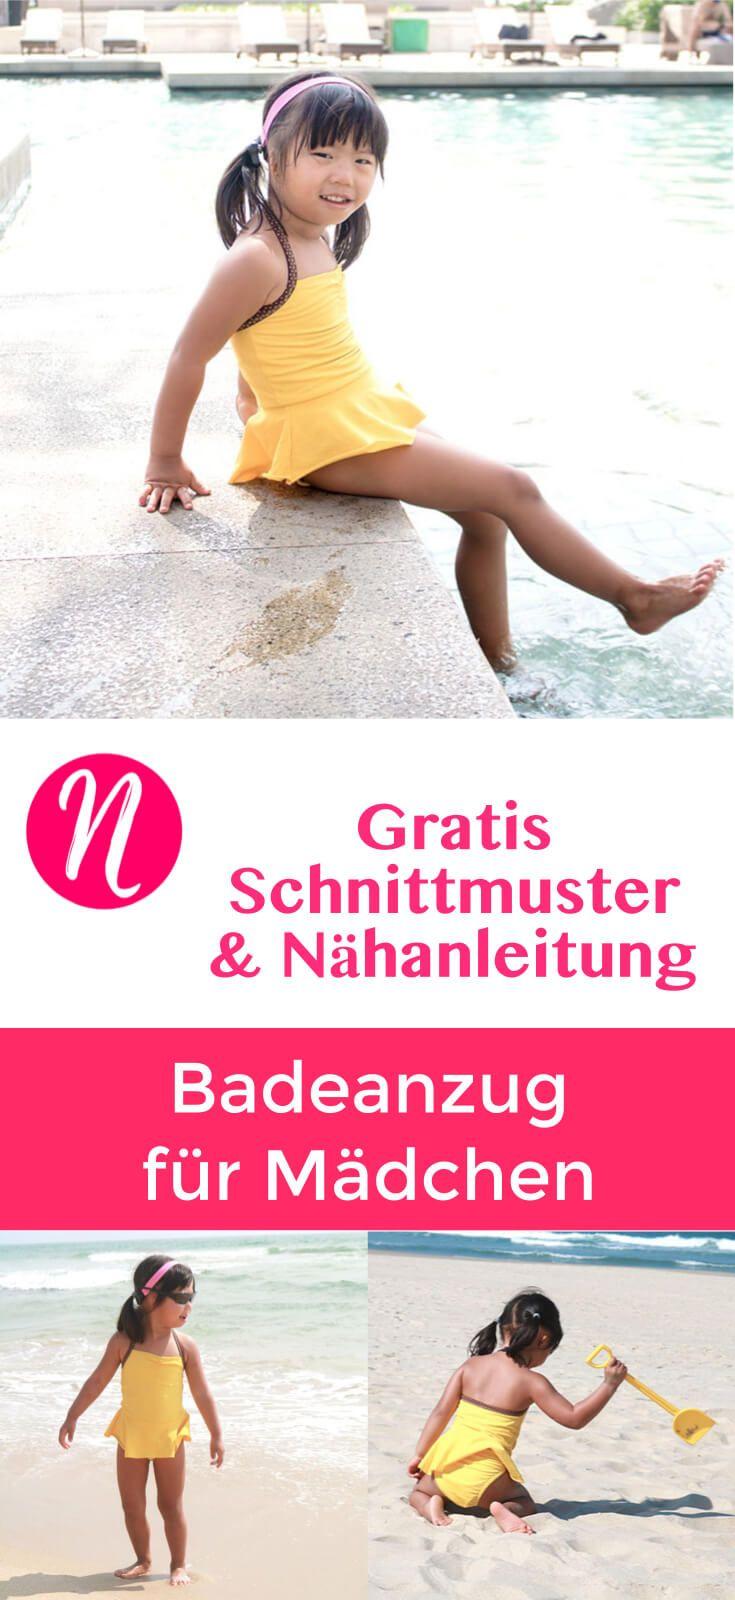 Freebook Badeanzug für kleine Mädchen von 2 - 3 Jahre ❤ mit Nähanleitung ❤ PDF zum Drucken ❤ gratis Schnittmuster ✂ Nähtalente.de besuchen ✂ - Free sewing pattern for a toddler swim suit für 2 -3 years.